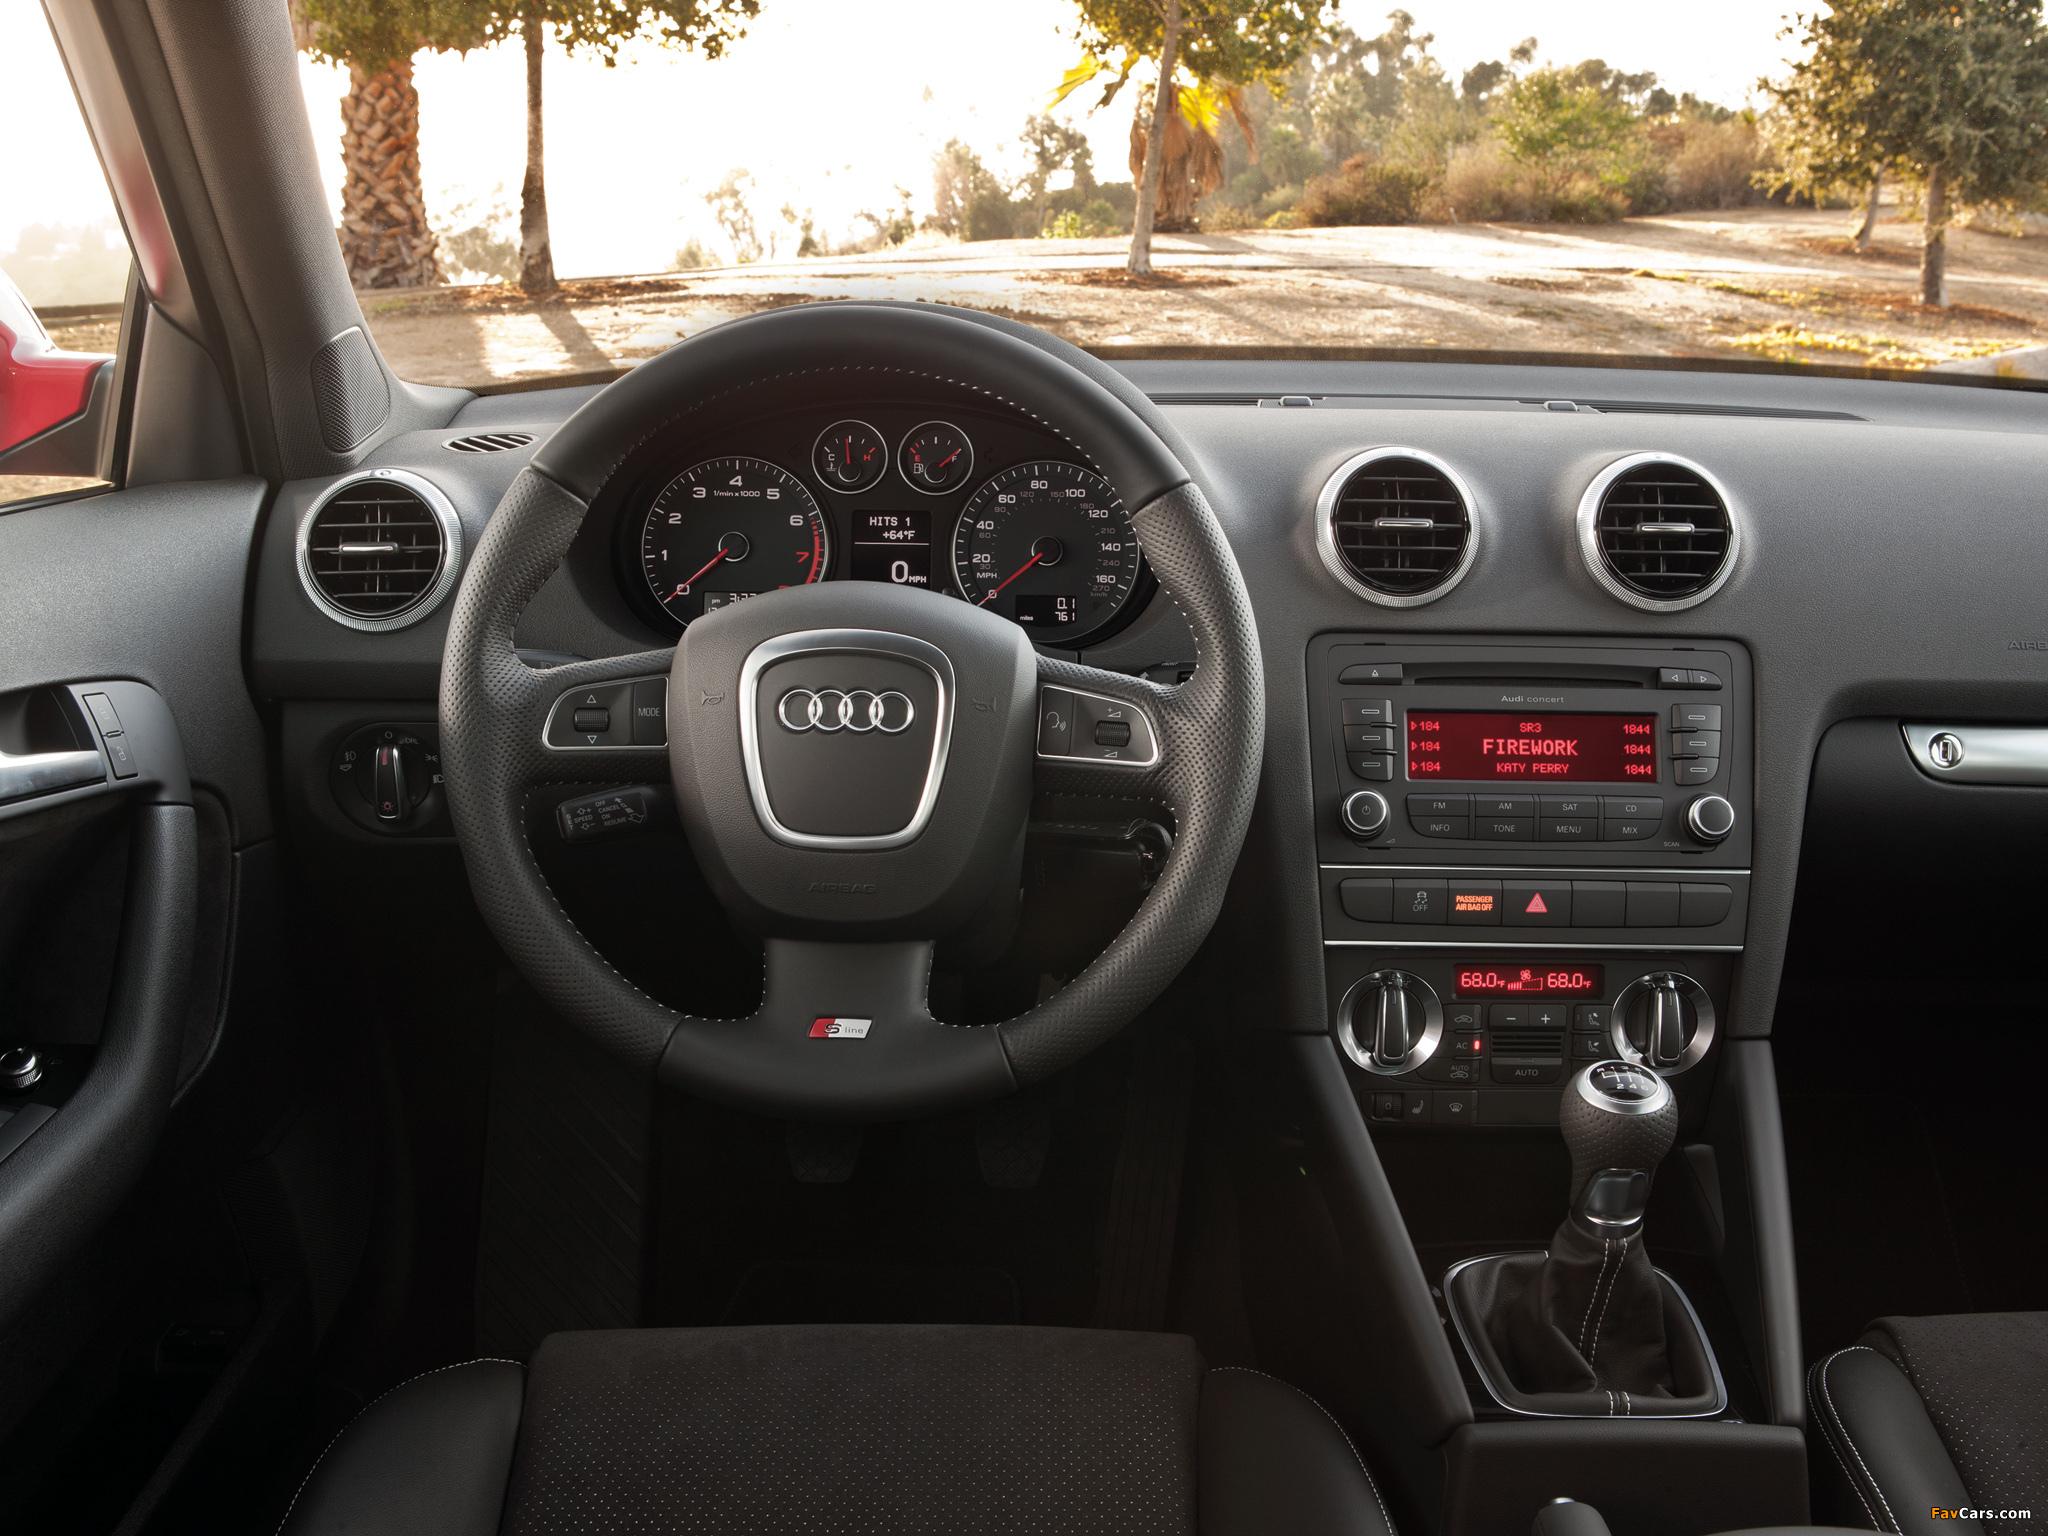 Audi A3 Sportback 2.0T S-Line US-spec 8PA (2008–2010) pictures ...